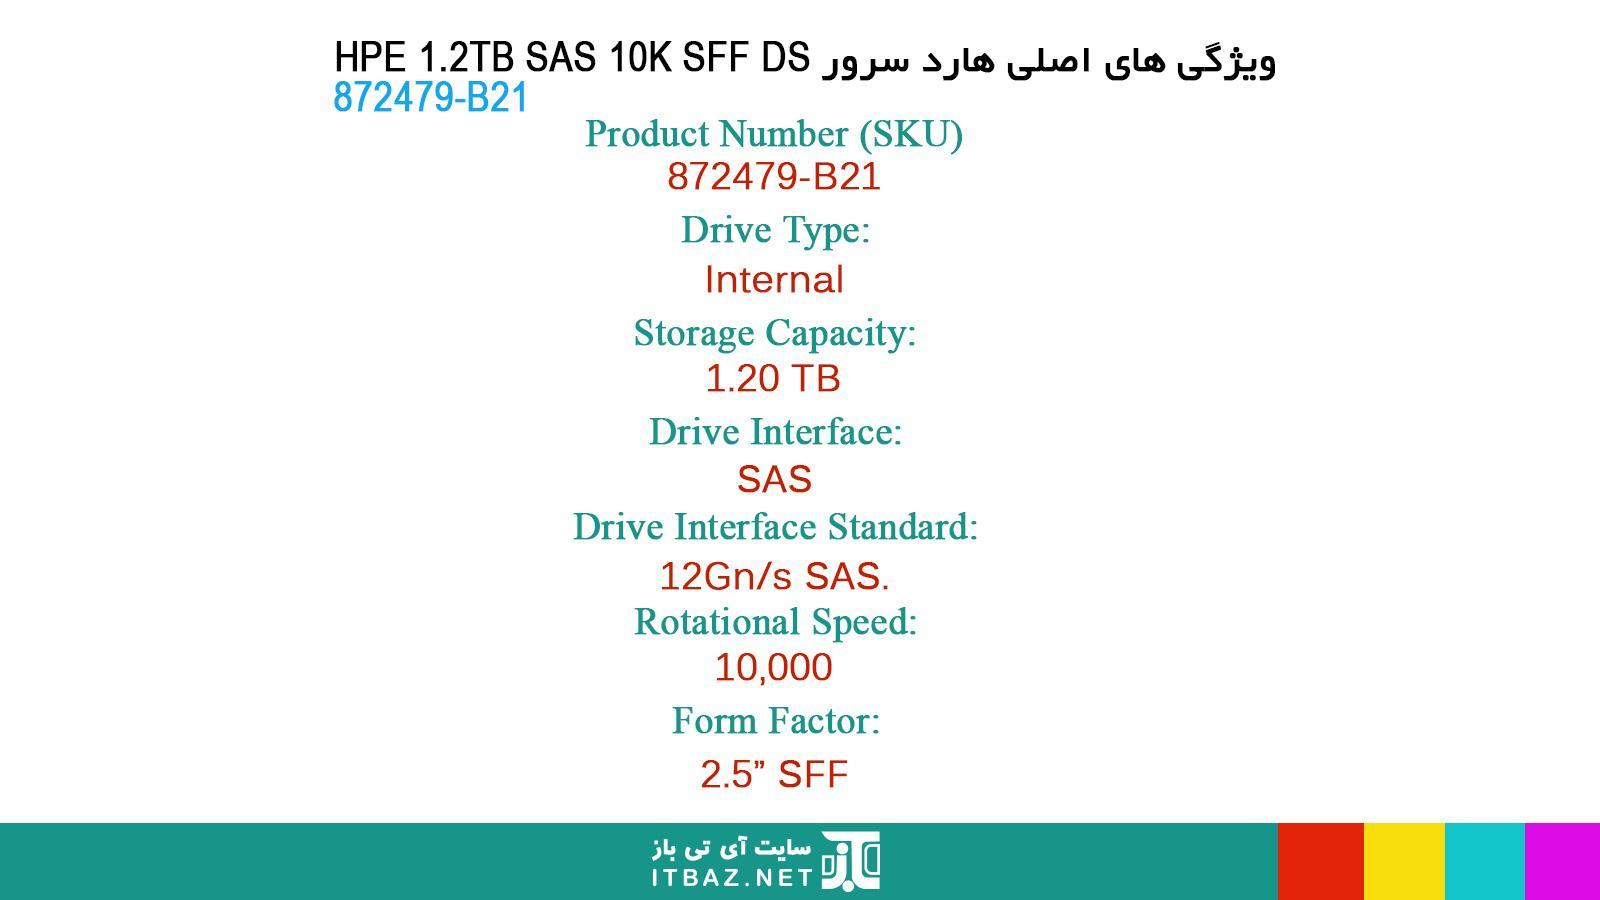 مشخصات هارد سرور HPE 1.2TB SAS 10K SFF DS 872479-B21